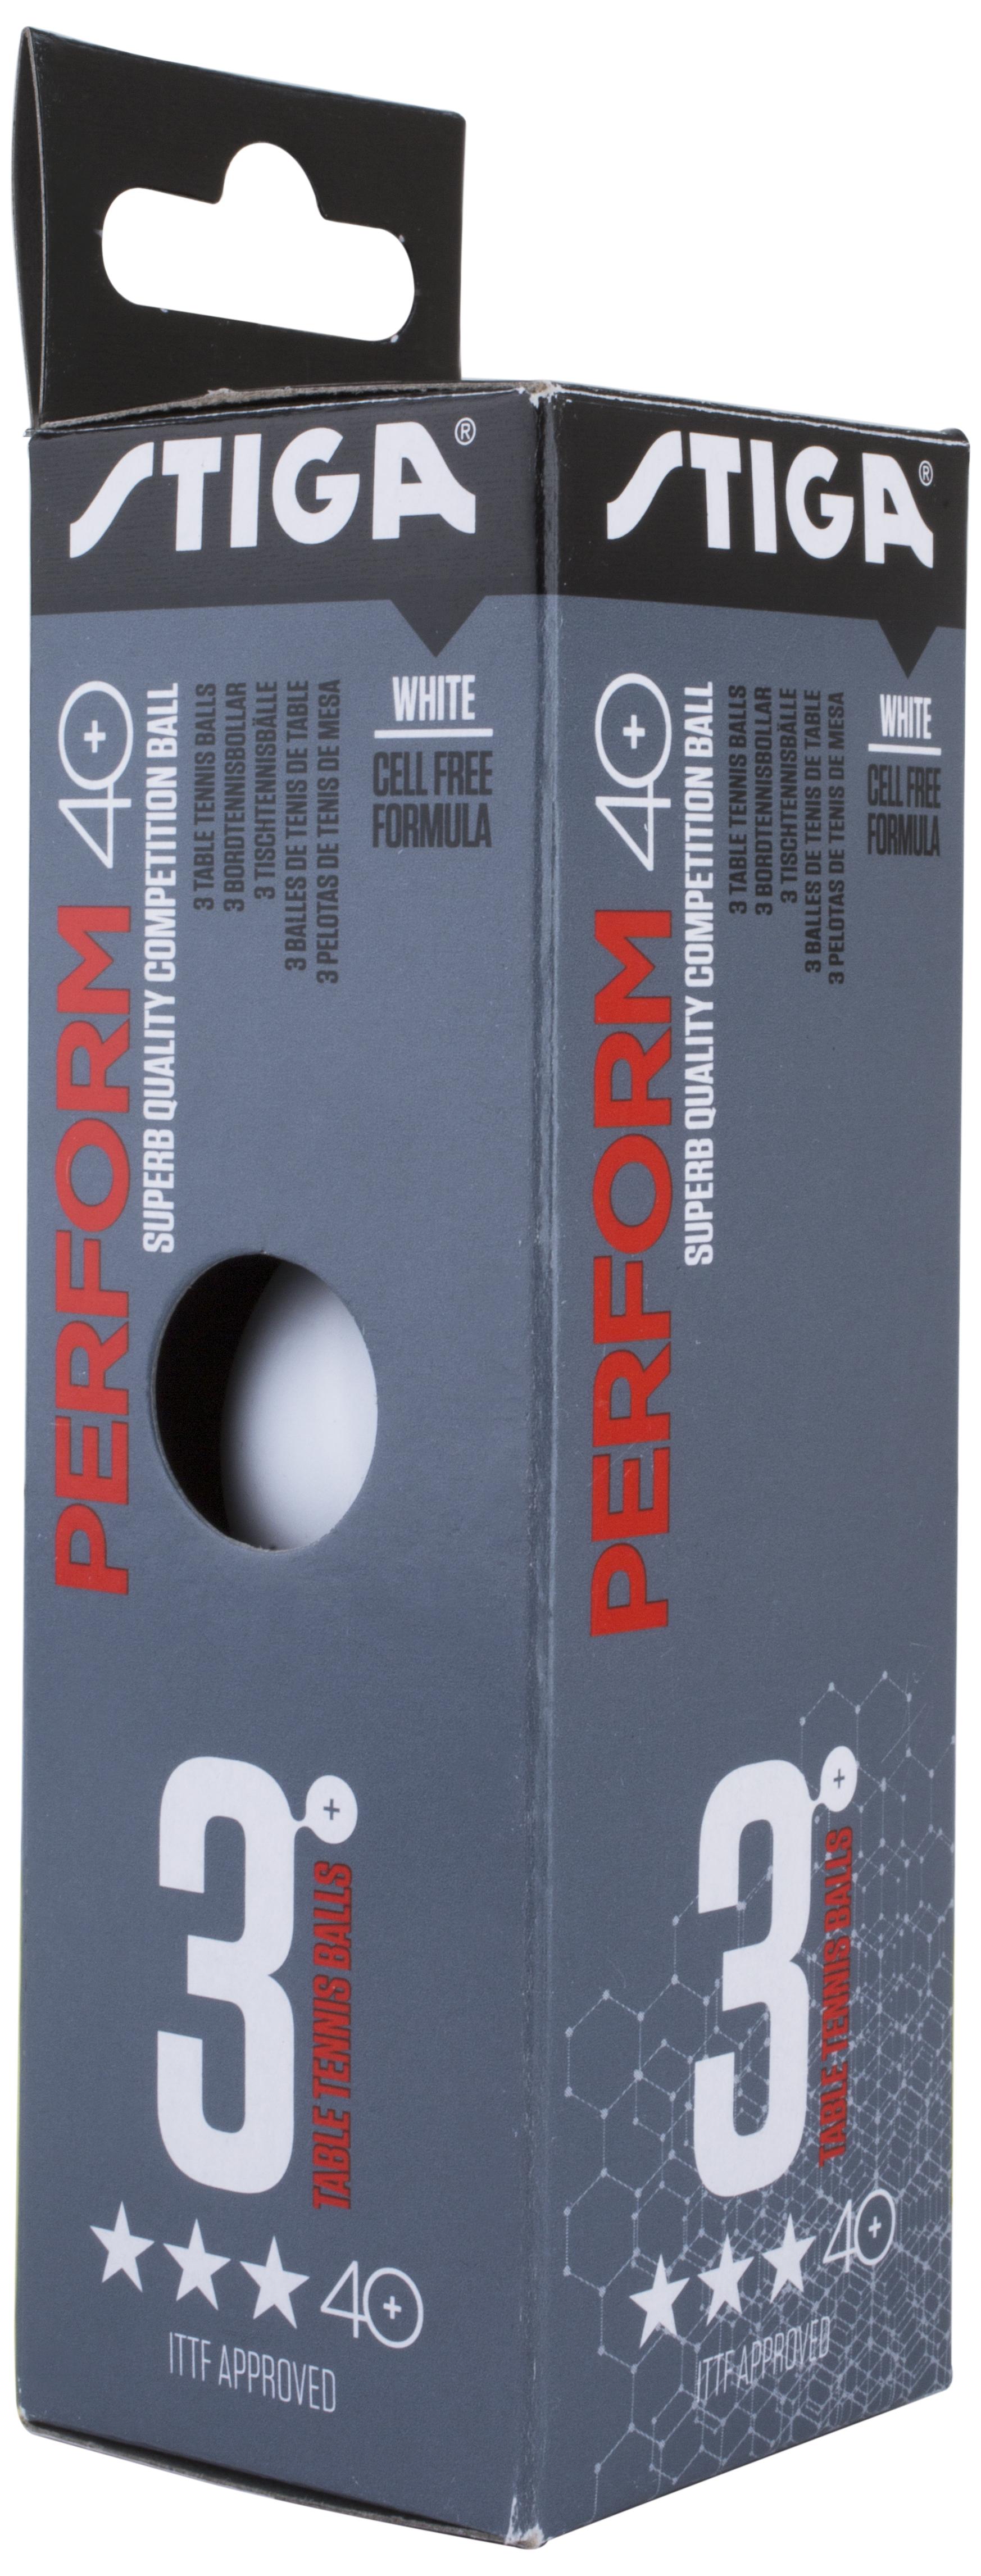 Stiga Мячи для настольного тенниса Stiga, 3 шт., размер Без размера